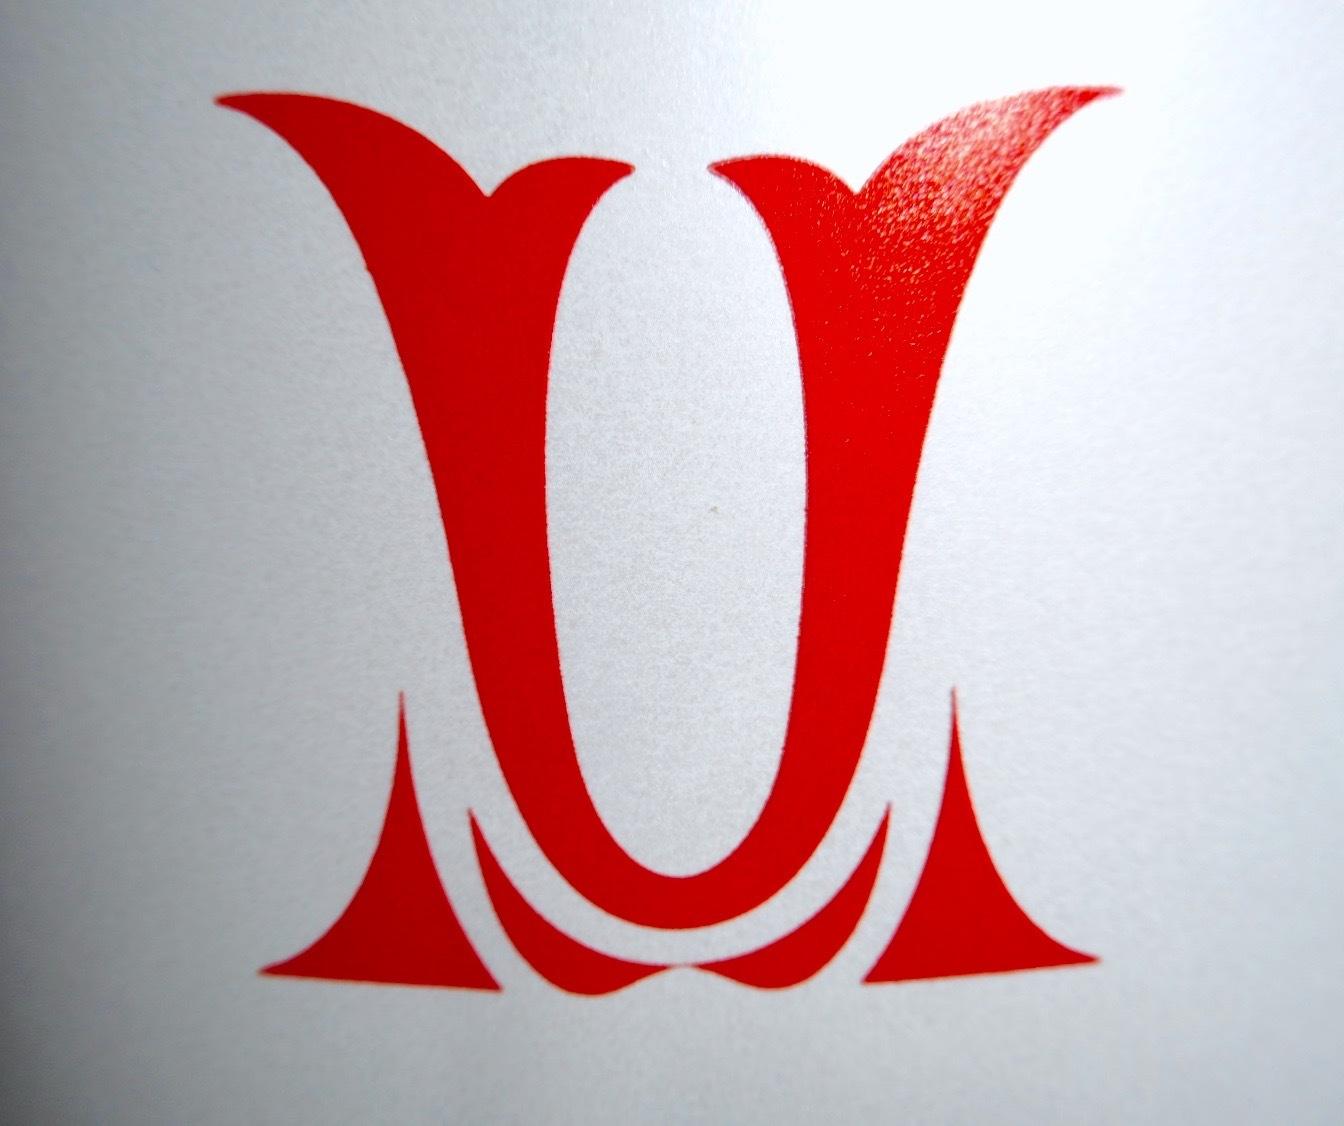 akabu_logo1.jpg